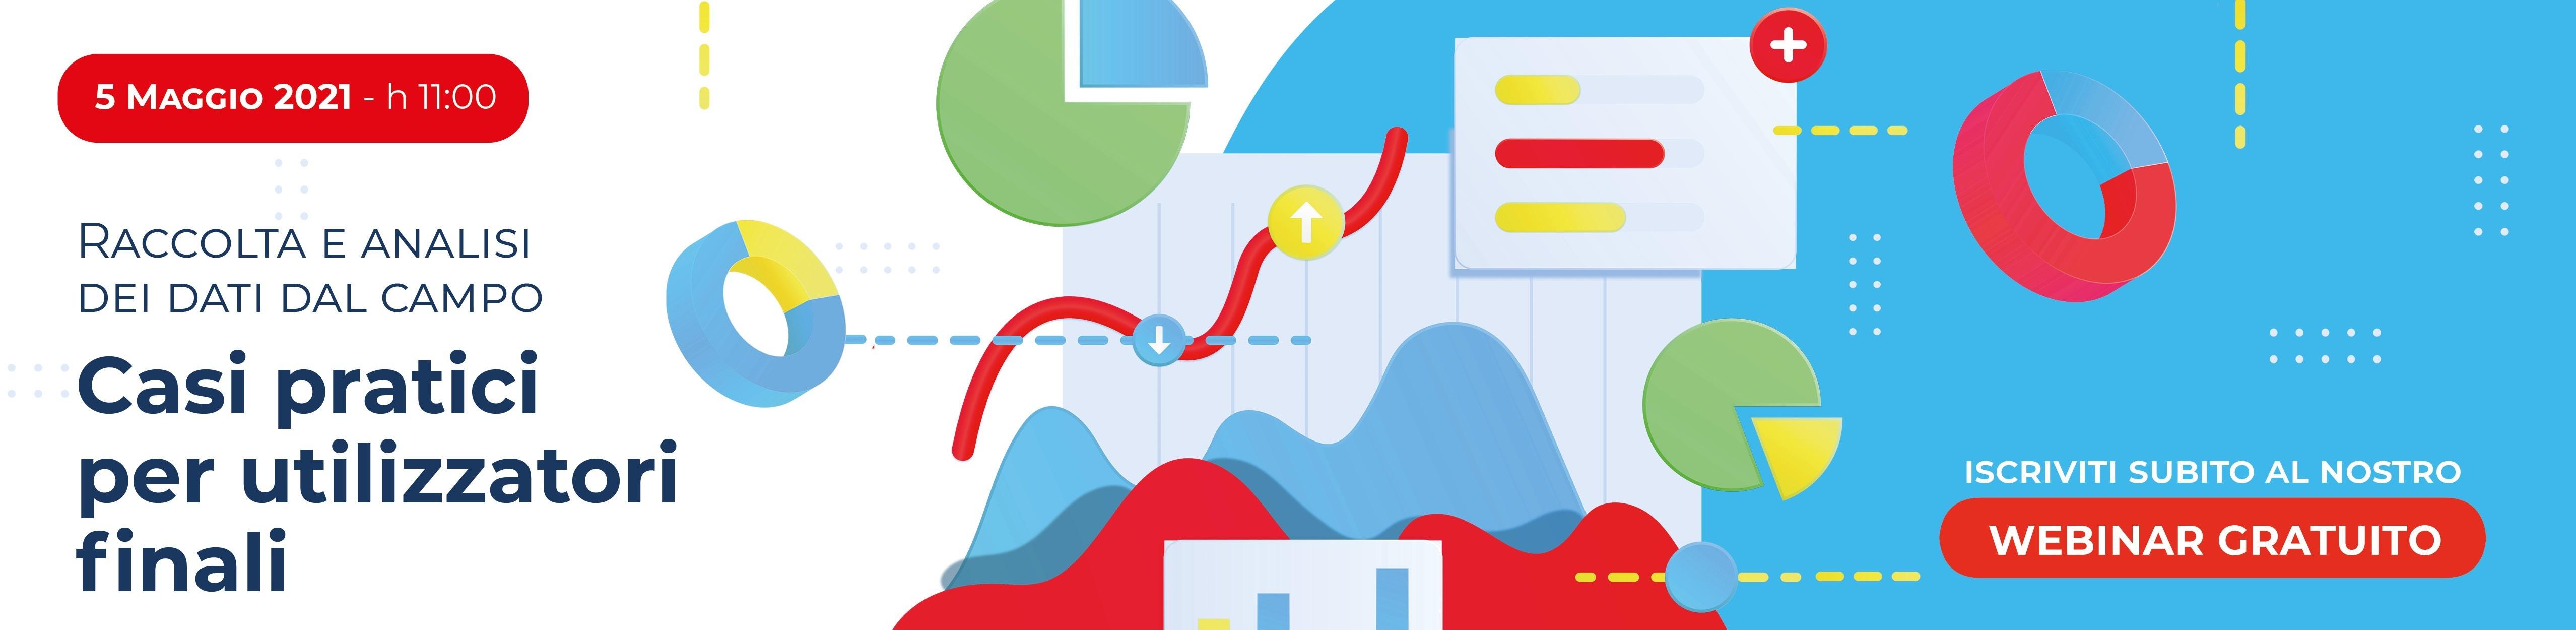 Webinar #3 Raccolta e analisi dei dati per il settore manifatturiero